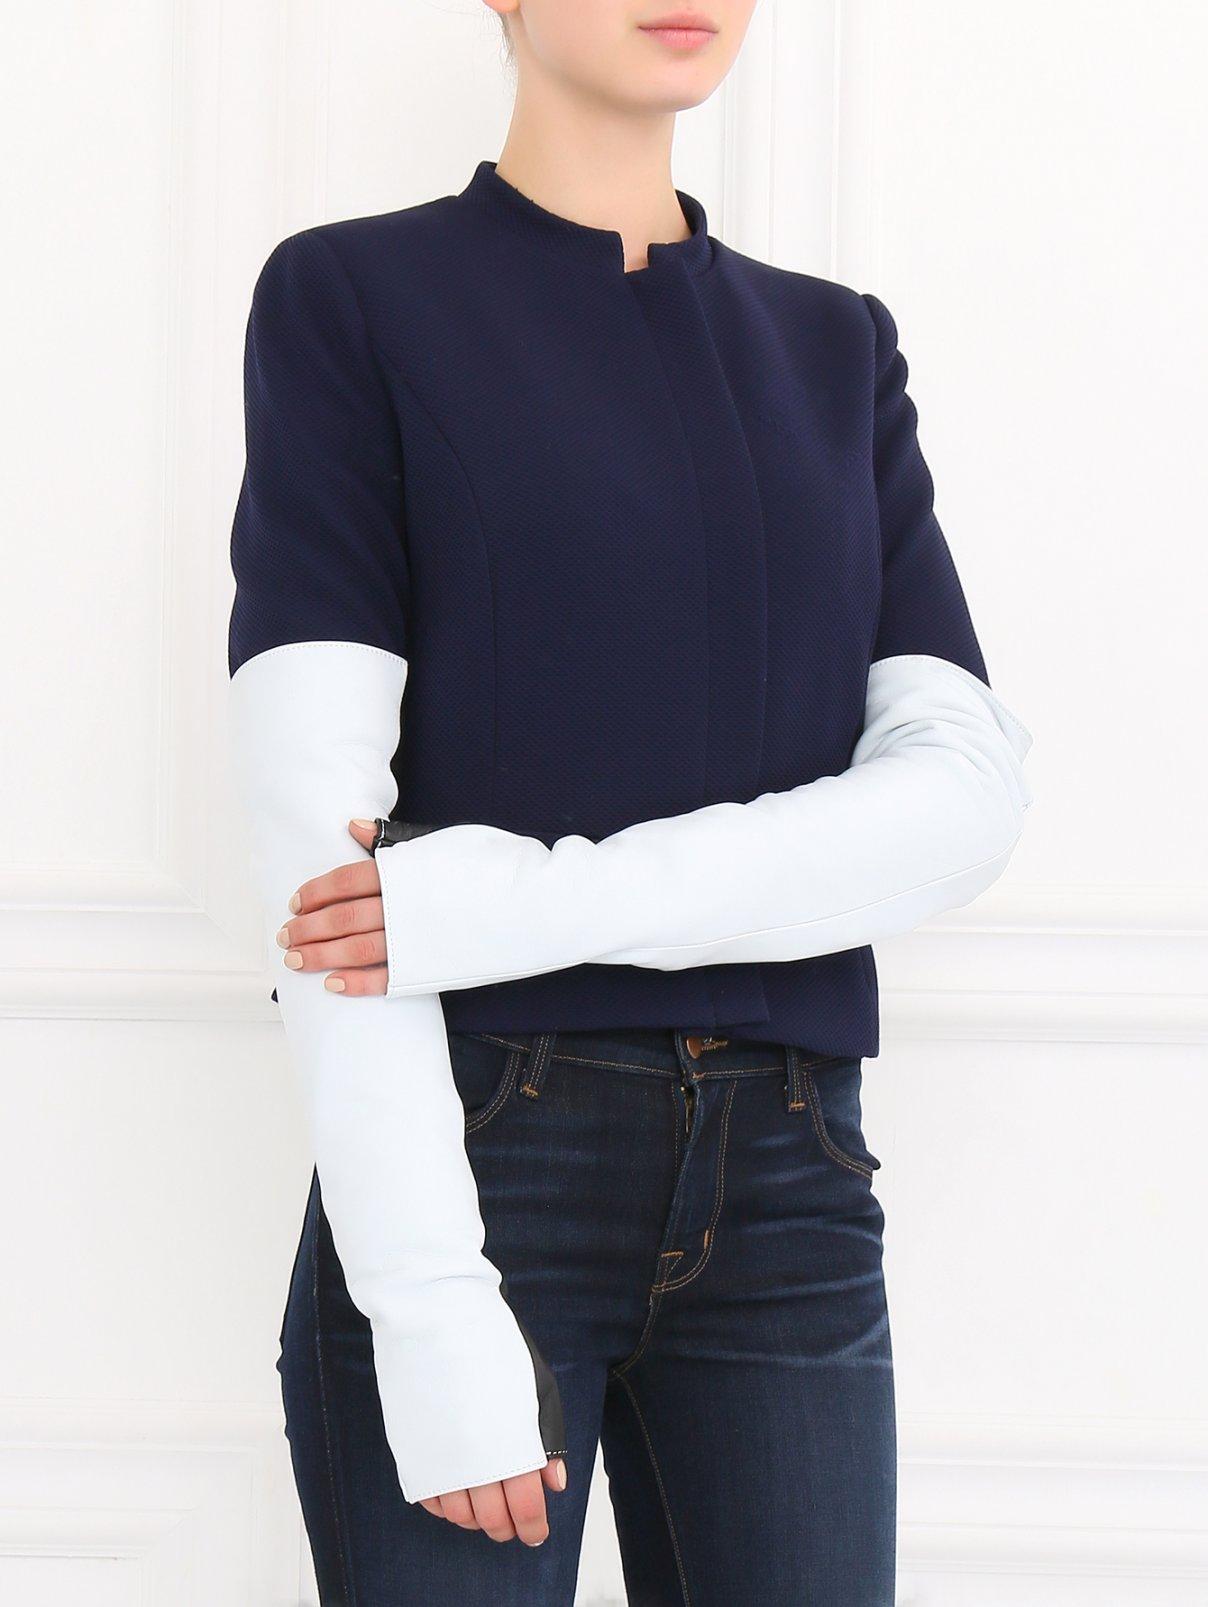 Длинные перчатки из кожи Jil Sander  –  Модель Общий вид  – Цвет:  Зеленый